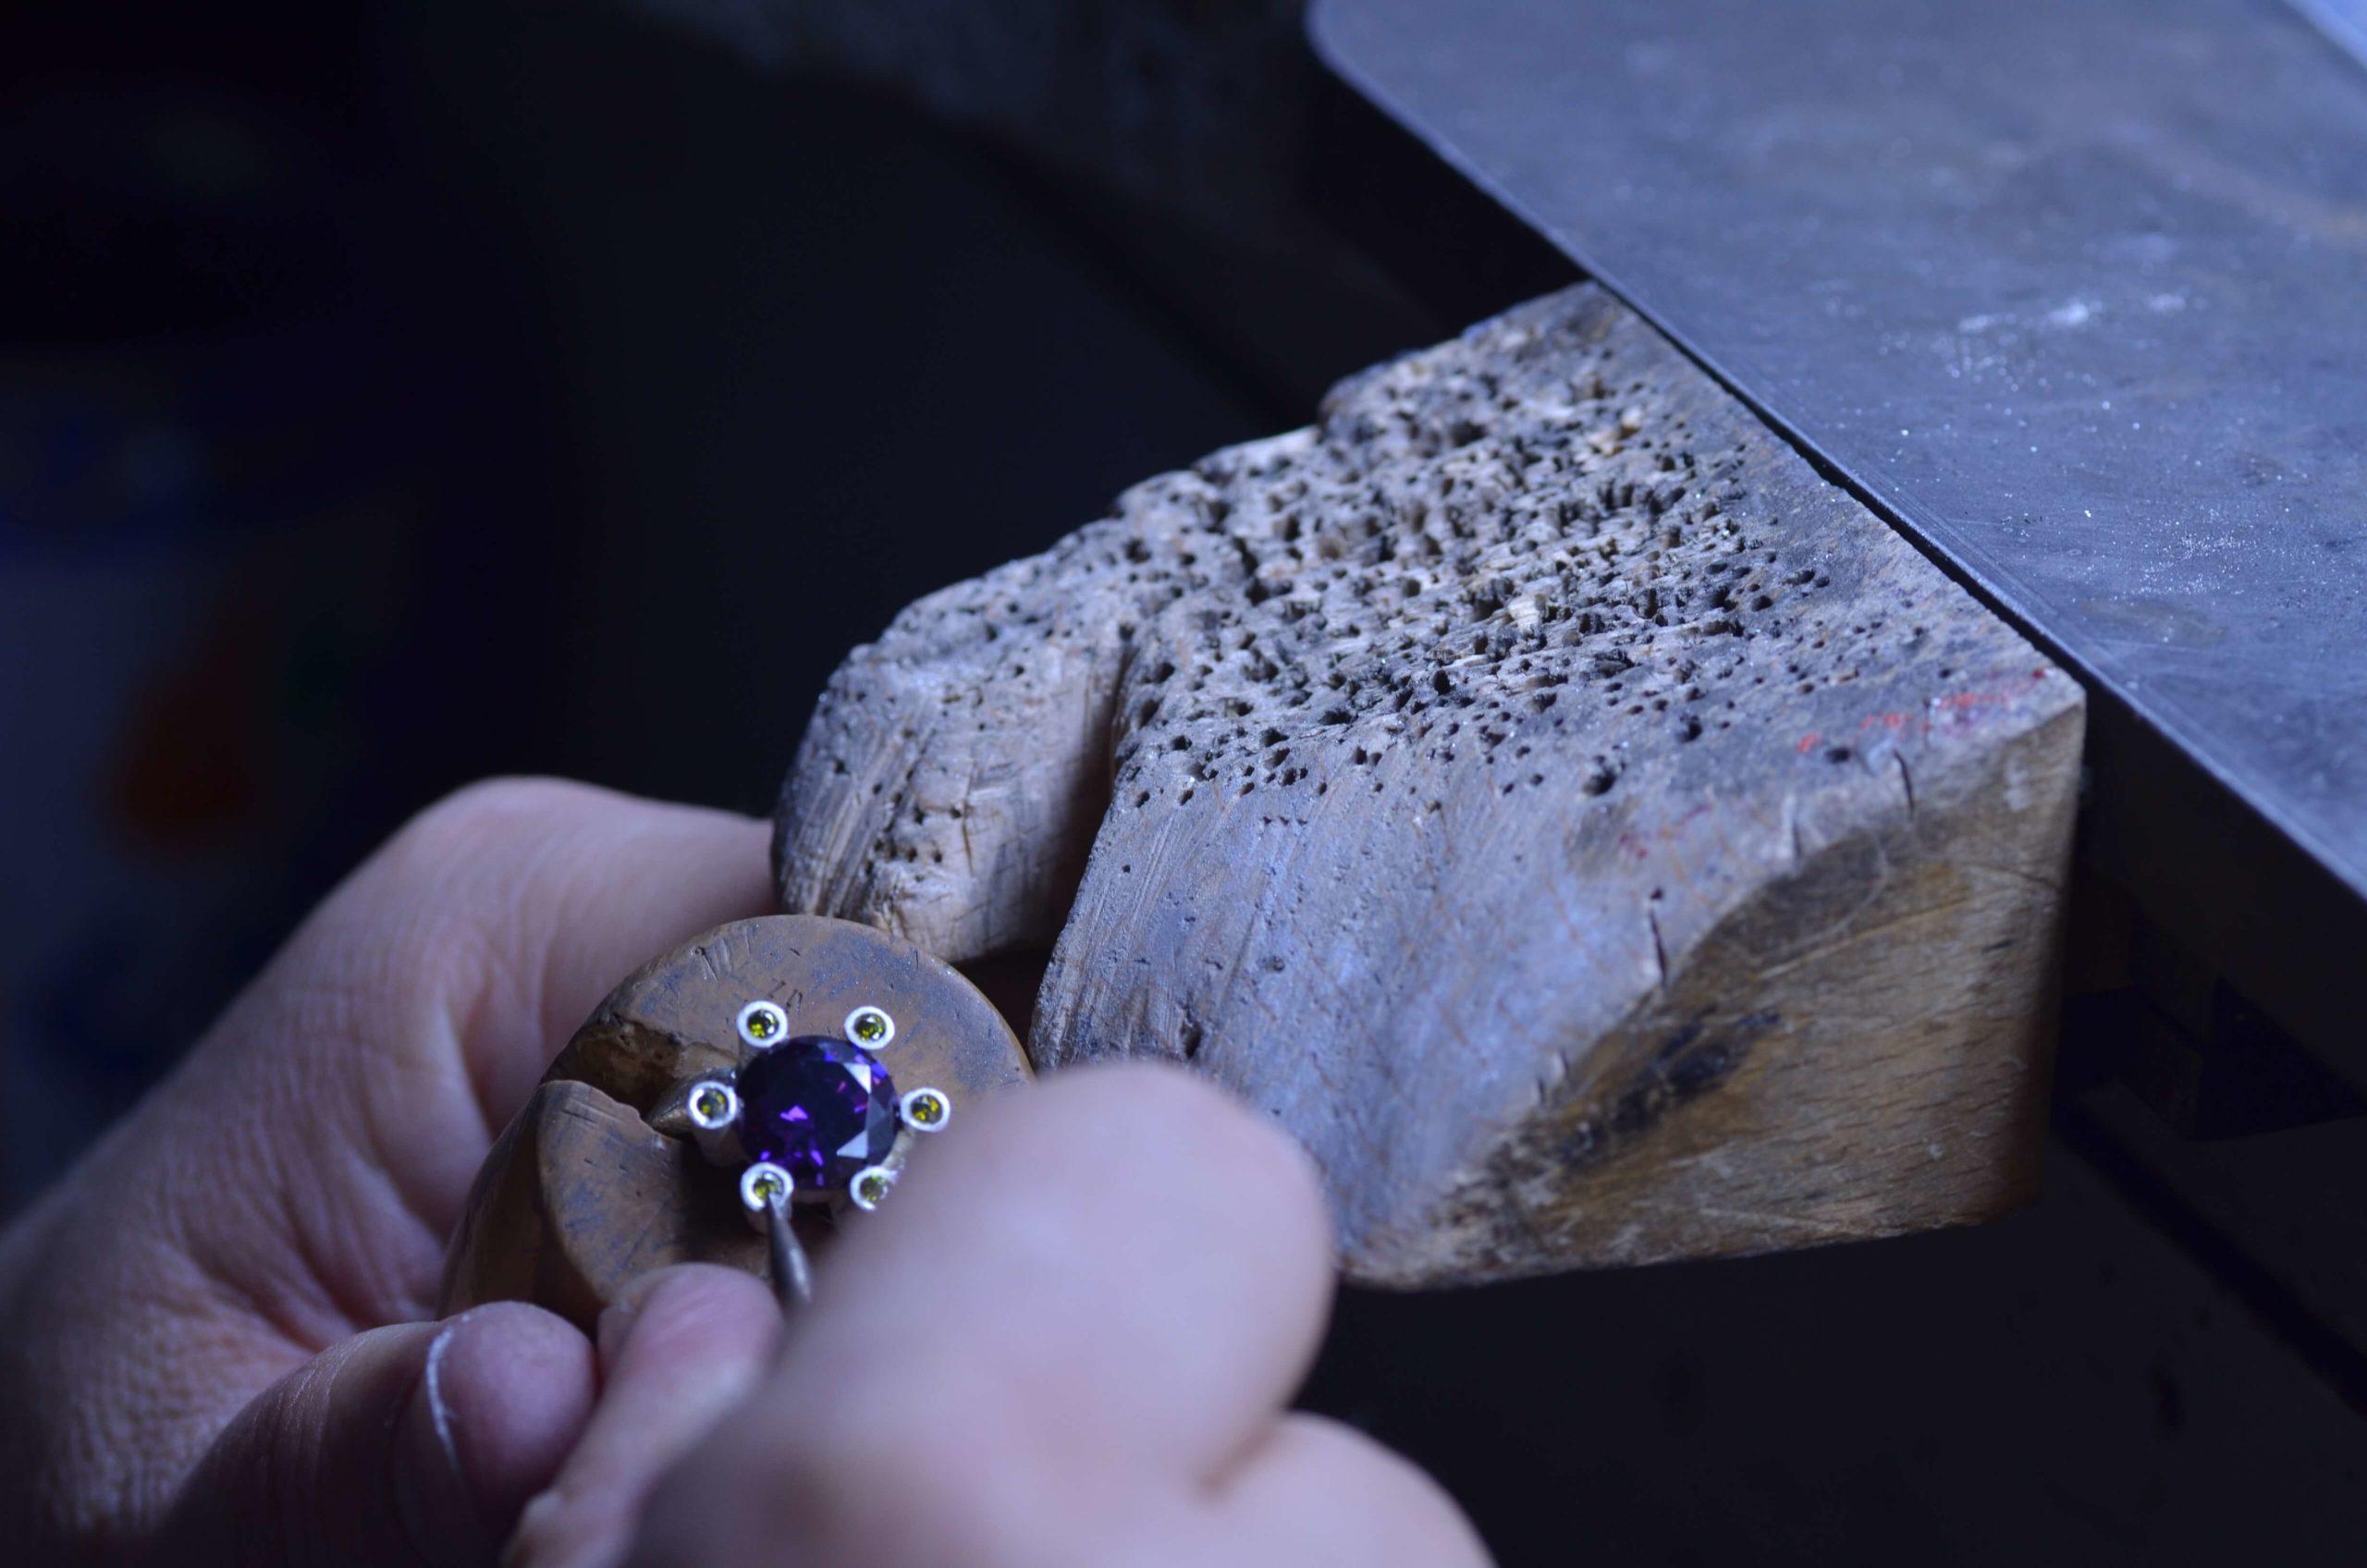 Valor joyería artesanal - Joyería Montón